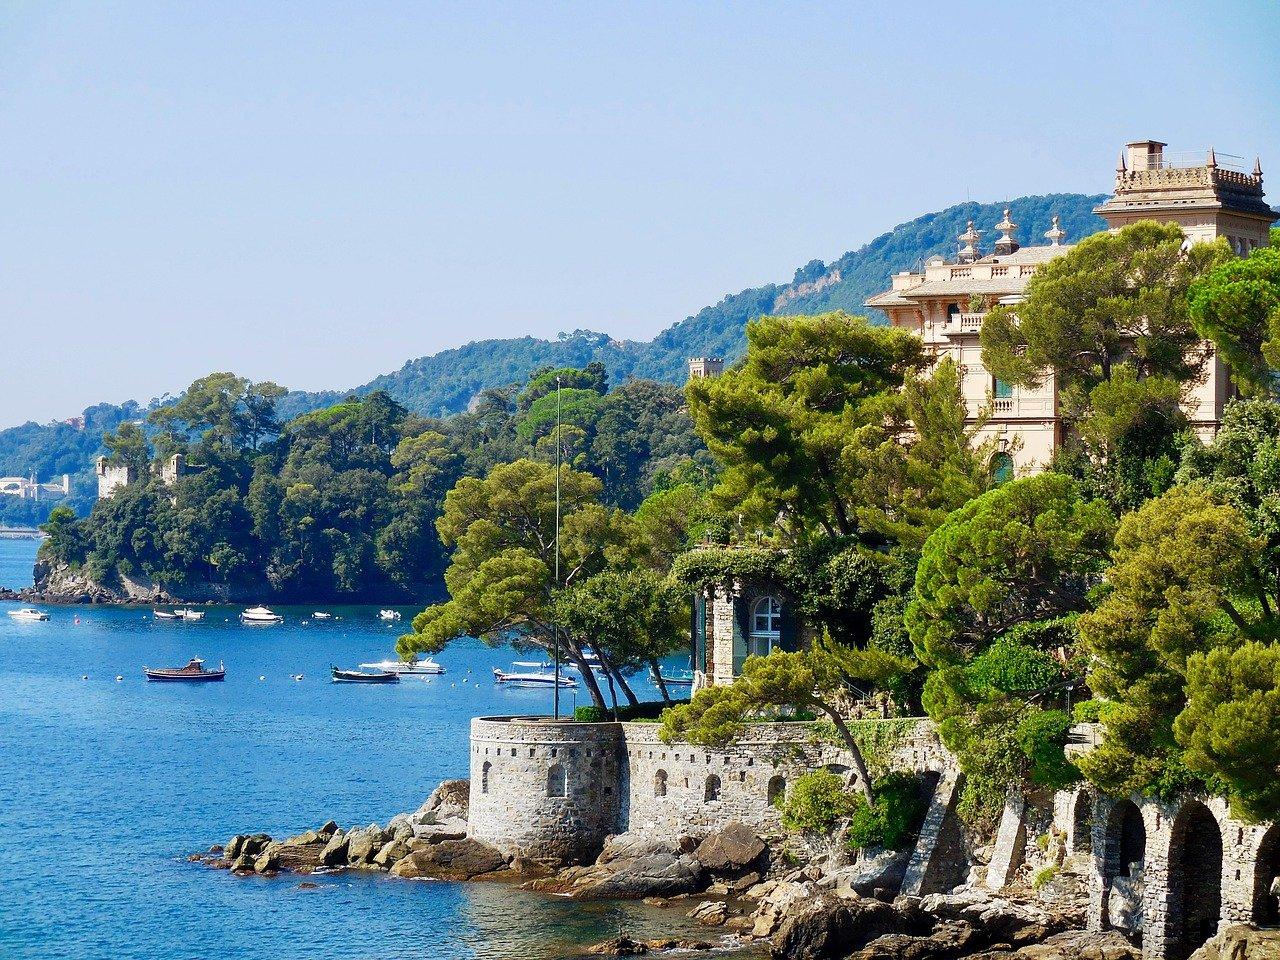 Santa margherita Ligure è una delle località più belle della regione, bellissima da visitare in ogni stagione, anche con i bambini.